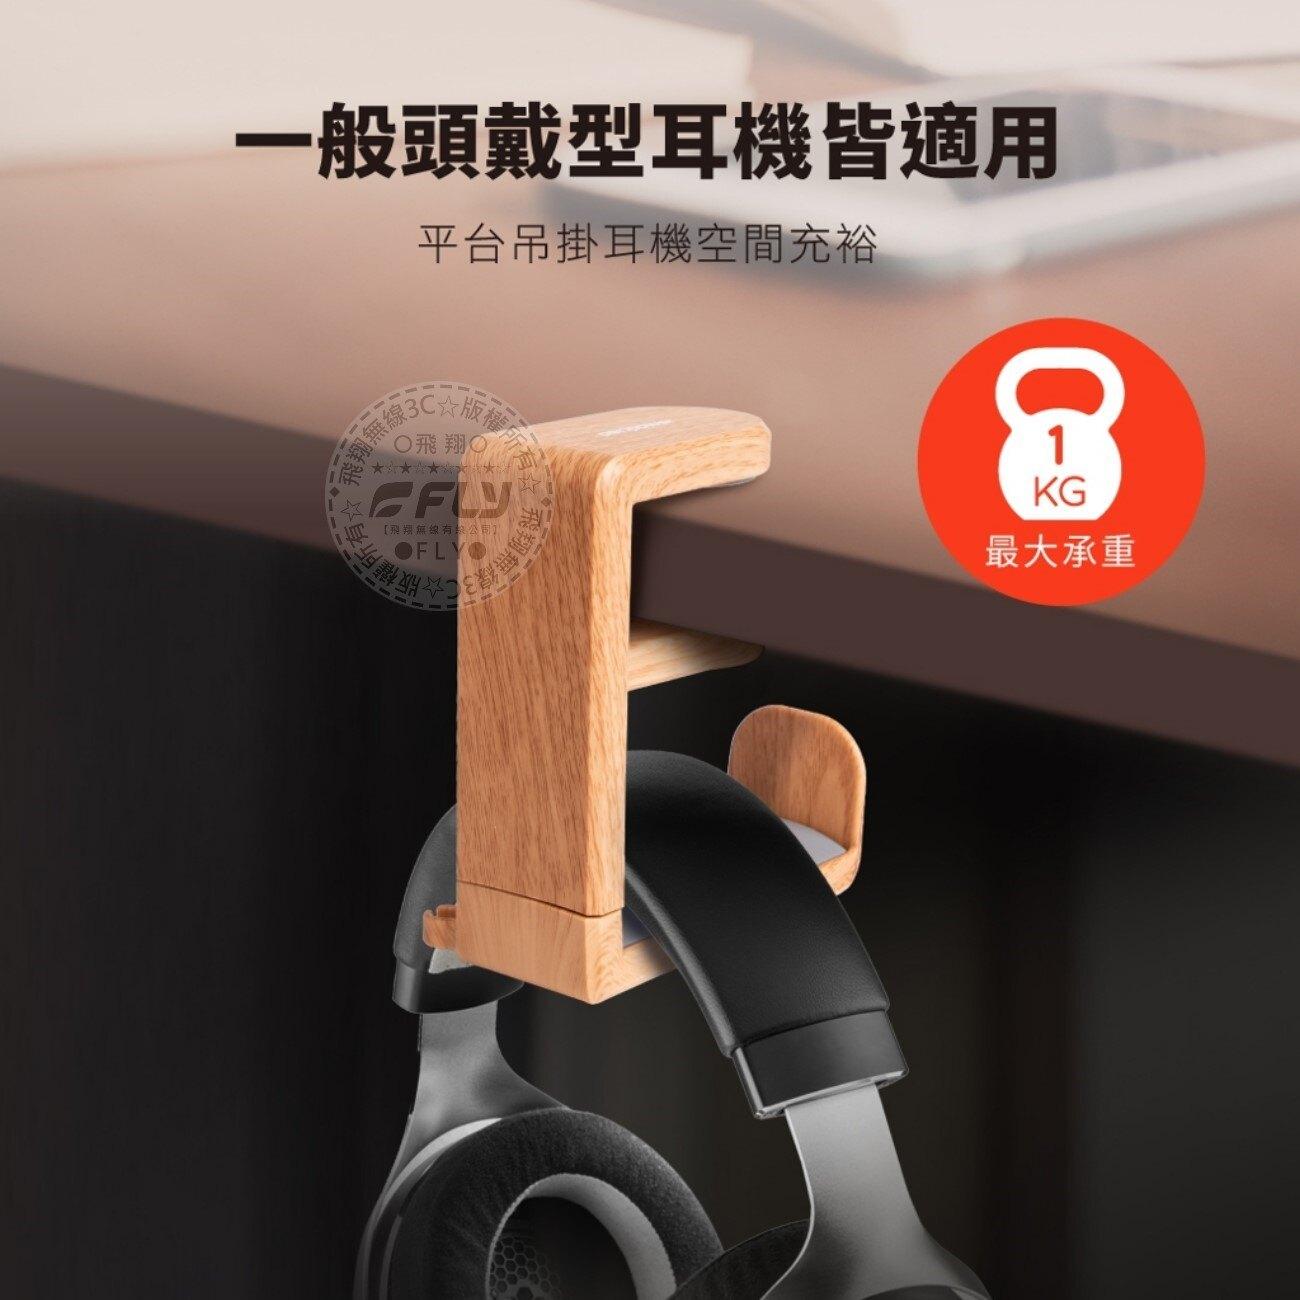 《飛翔無線3C》peripower MT-AM05 桌邊夾式頭戴型耳機架◉公司貨◉旋轉調整◉桌內收納◉線夾設計